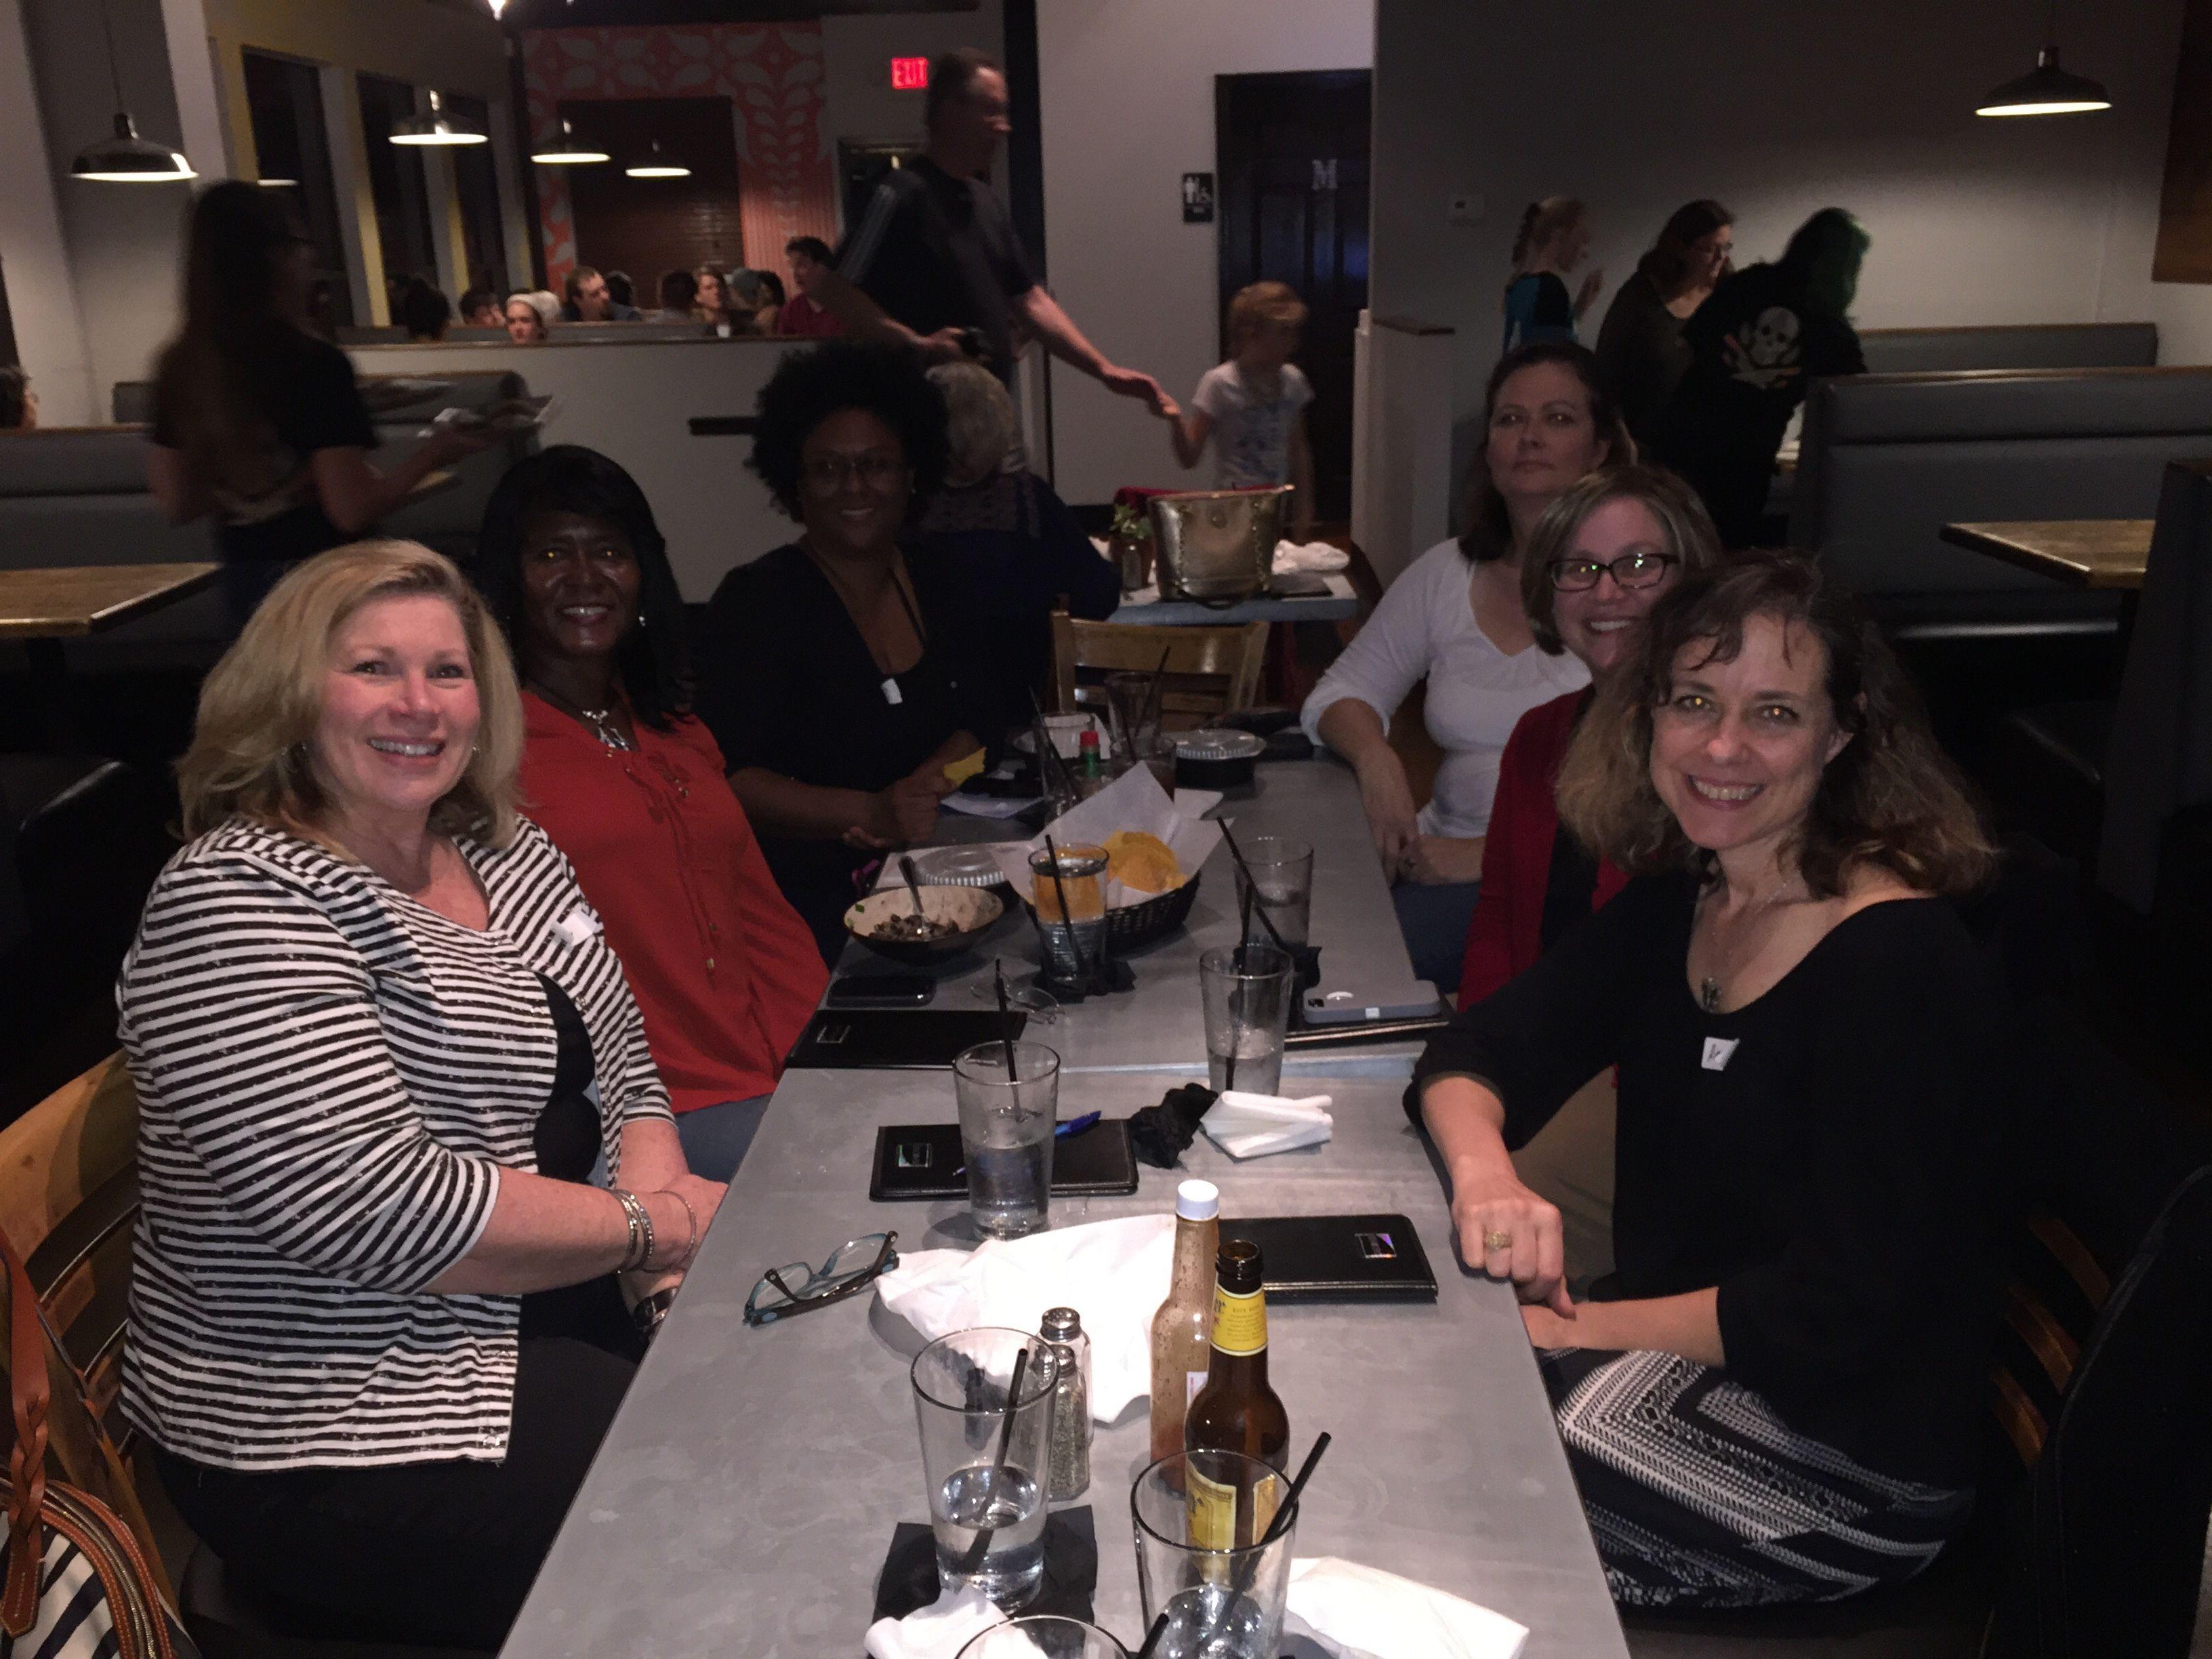 Tallahassee Women's Social Meetup